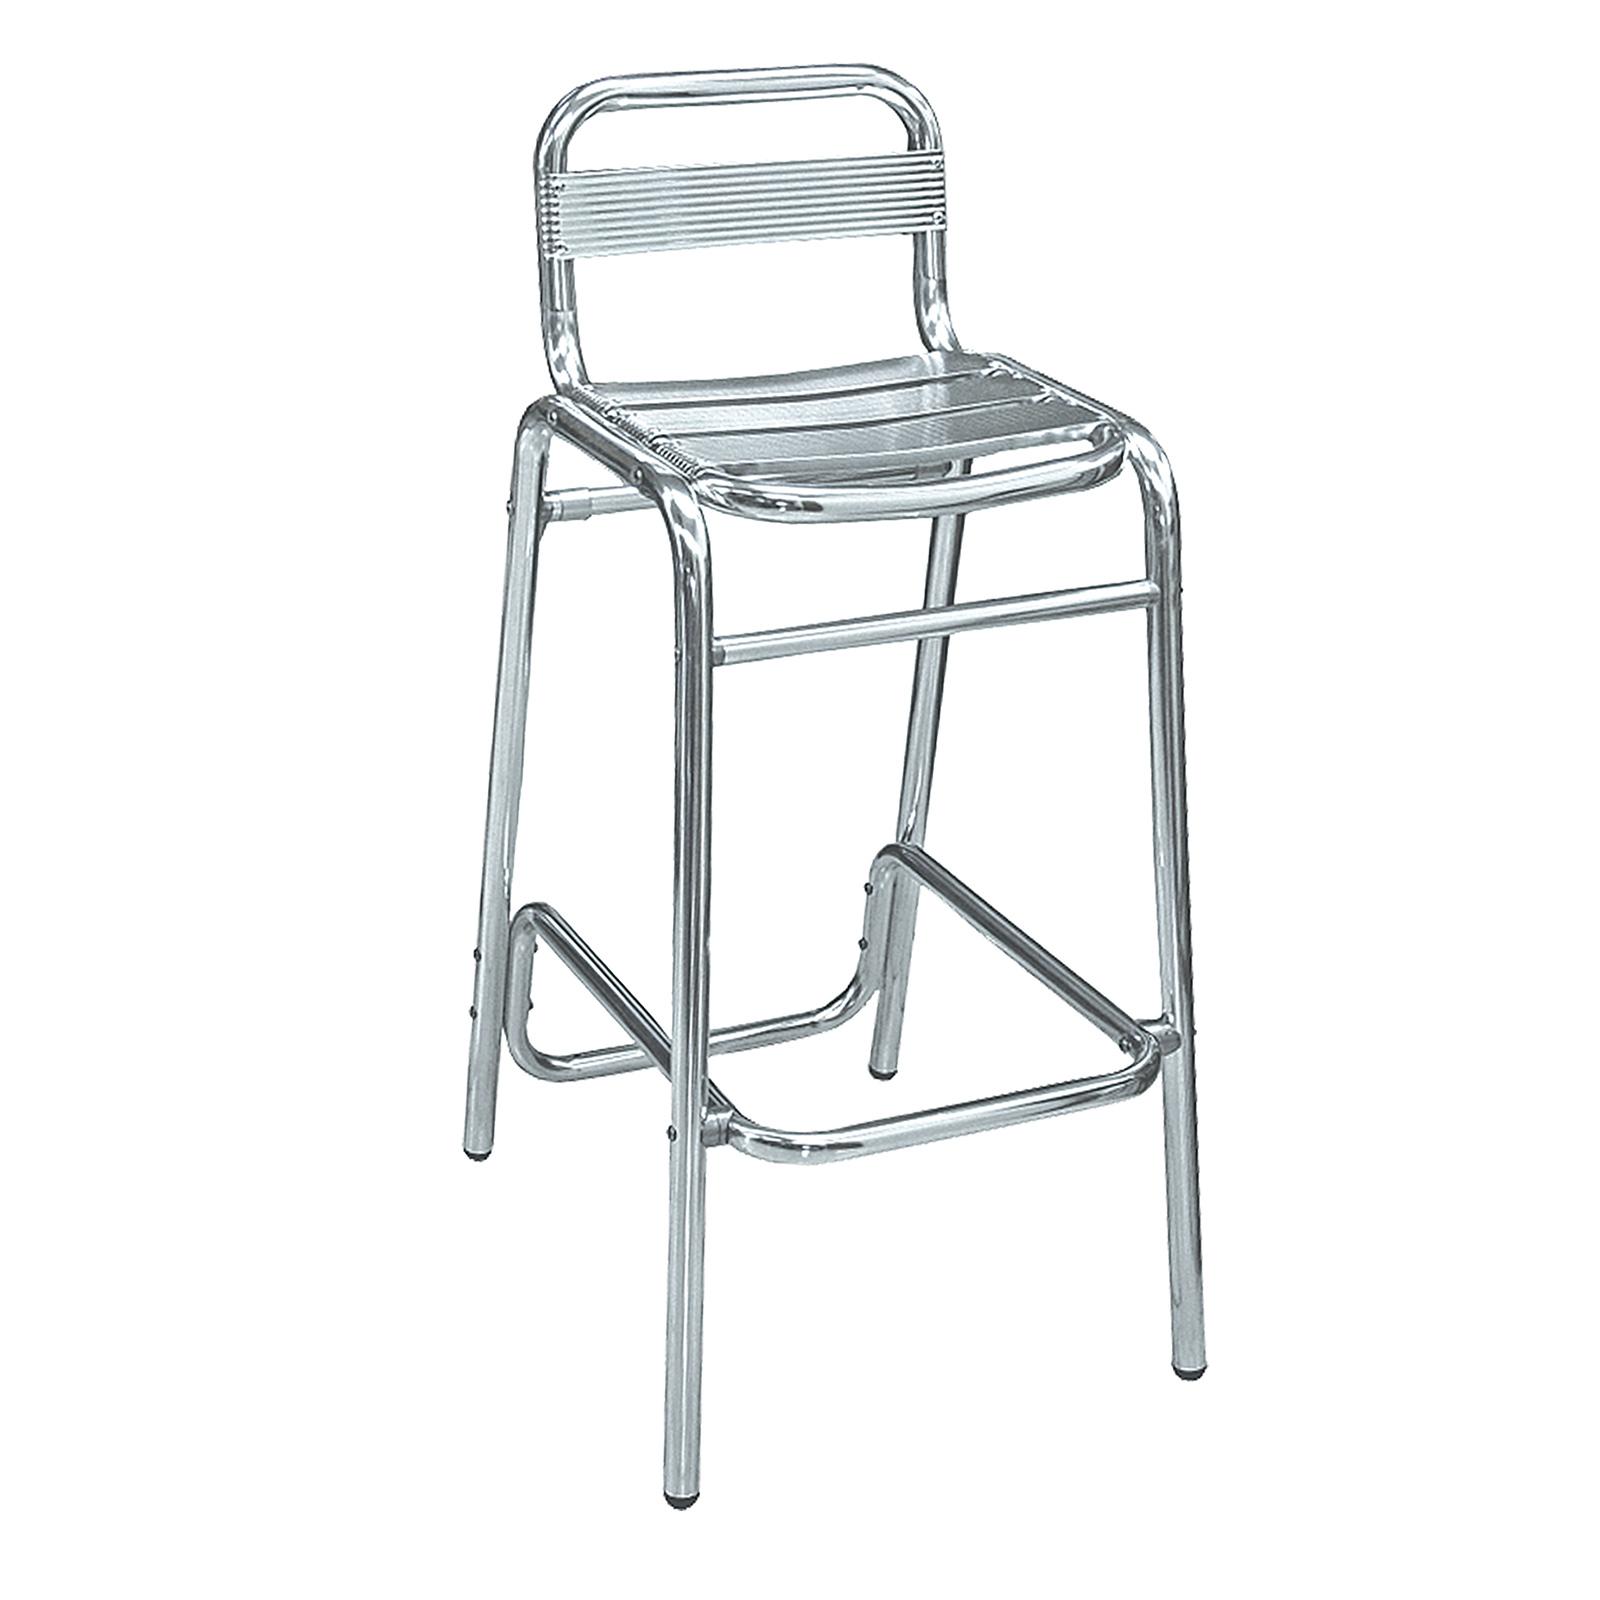 Florida Seating BAL-51 bar stool, outdoor